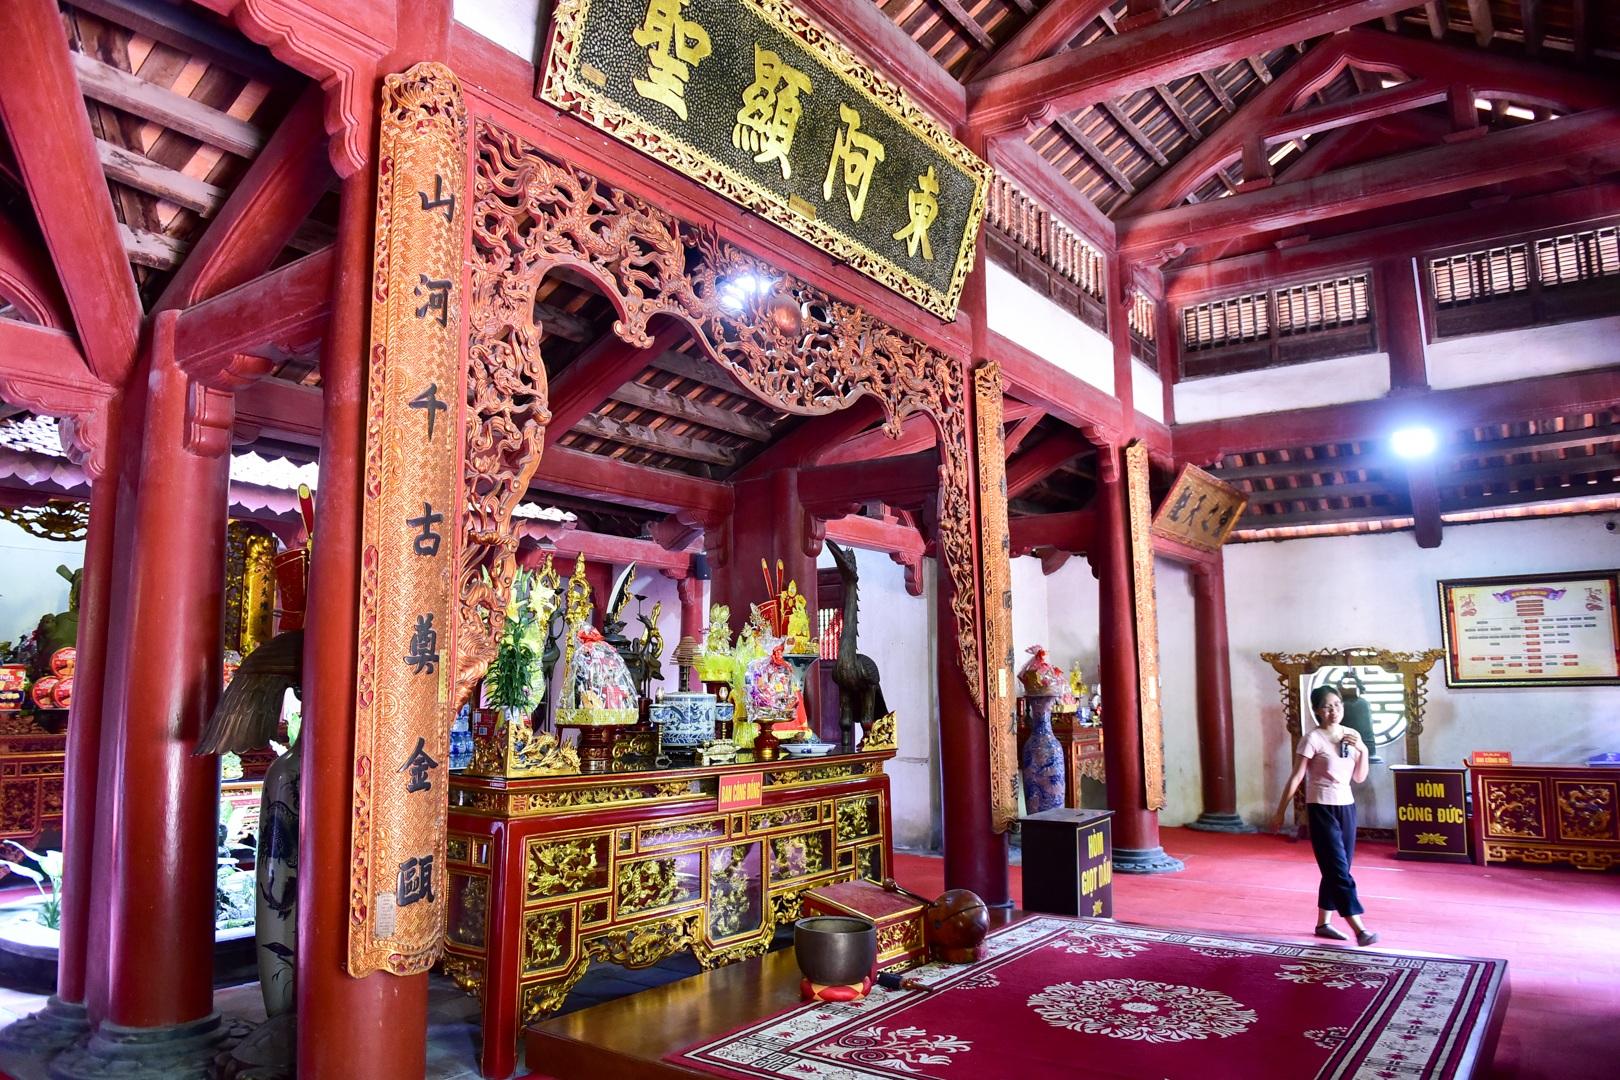 Chiêm ngưỡng ngôi đền 600 năm tuổi thờ 8 vị vua triều Trần - 6